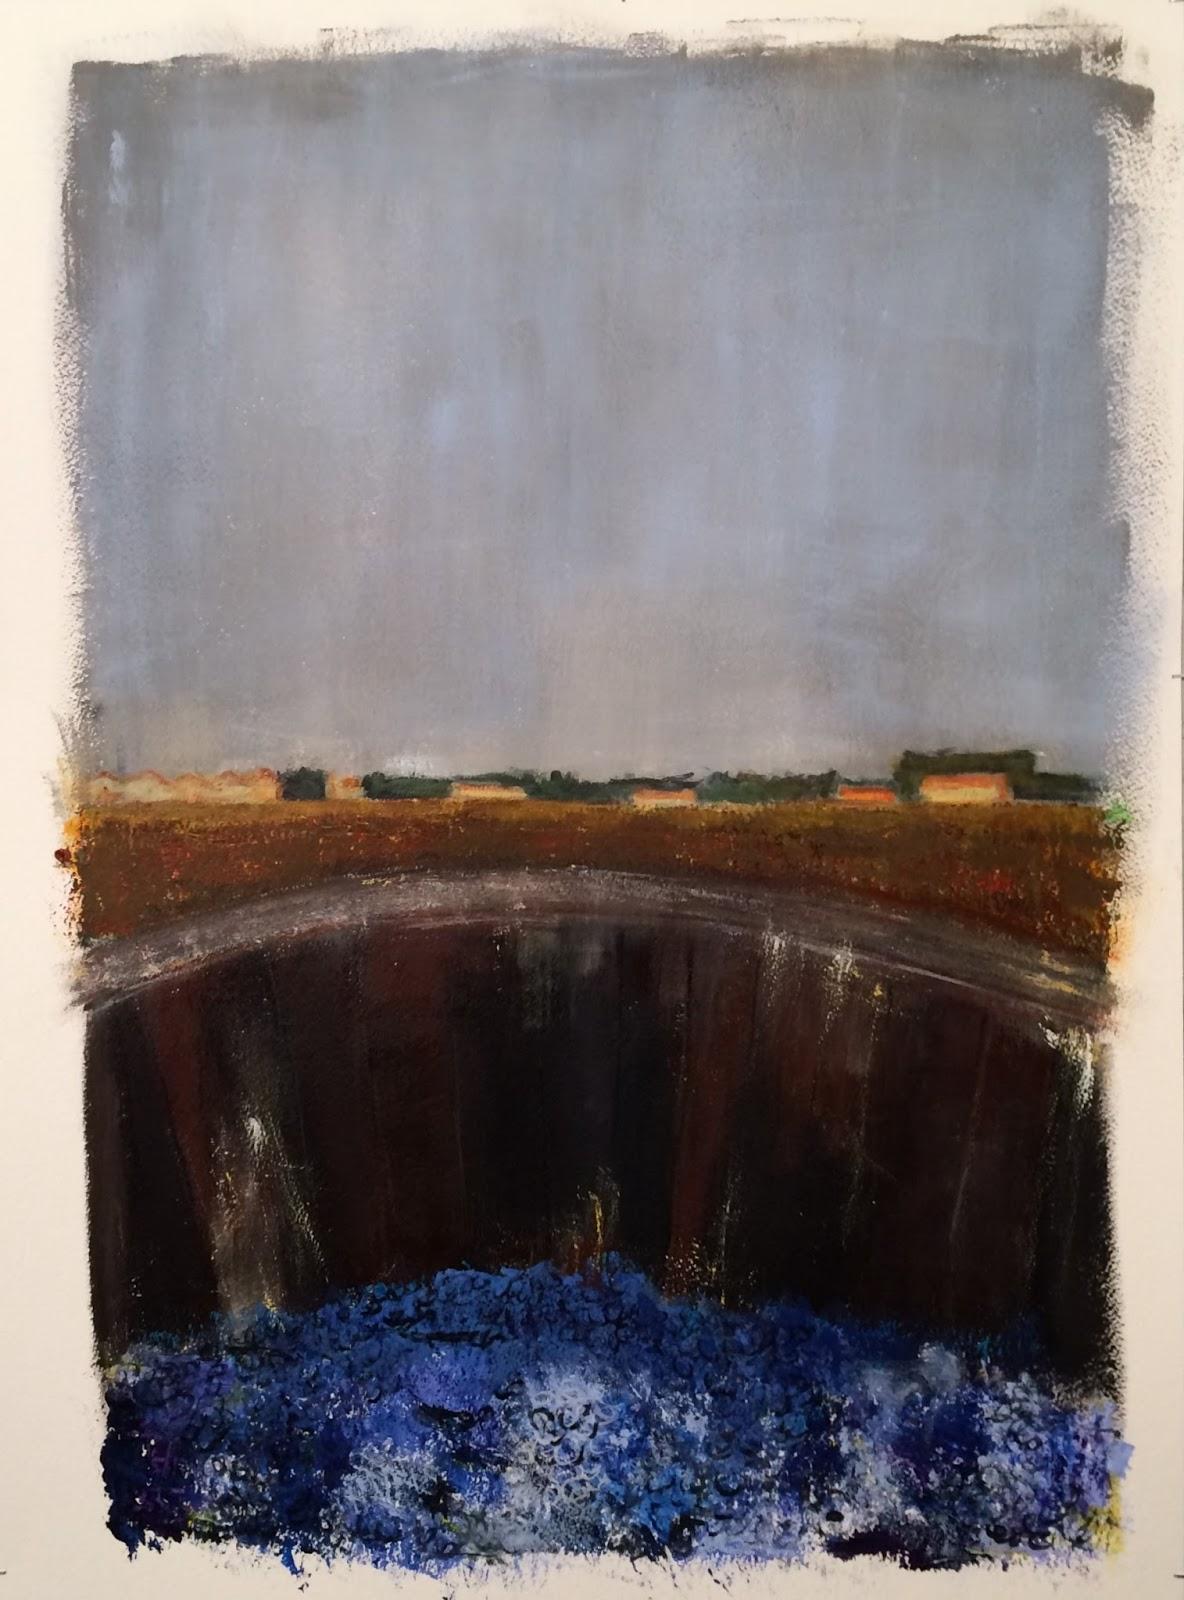 N°3139 - Vendanges à l'Enclos de la Croix - Acrylique sur papier - 76 x 56 cm - 23 octobre 2016